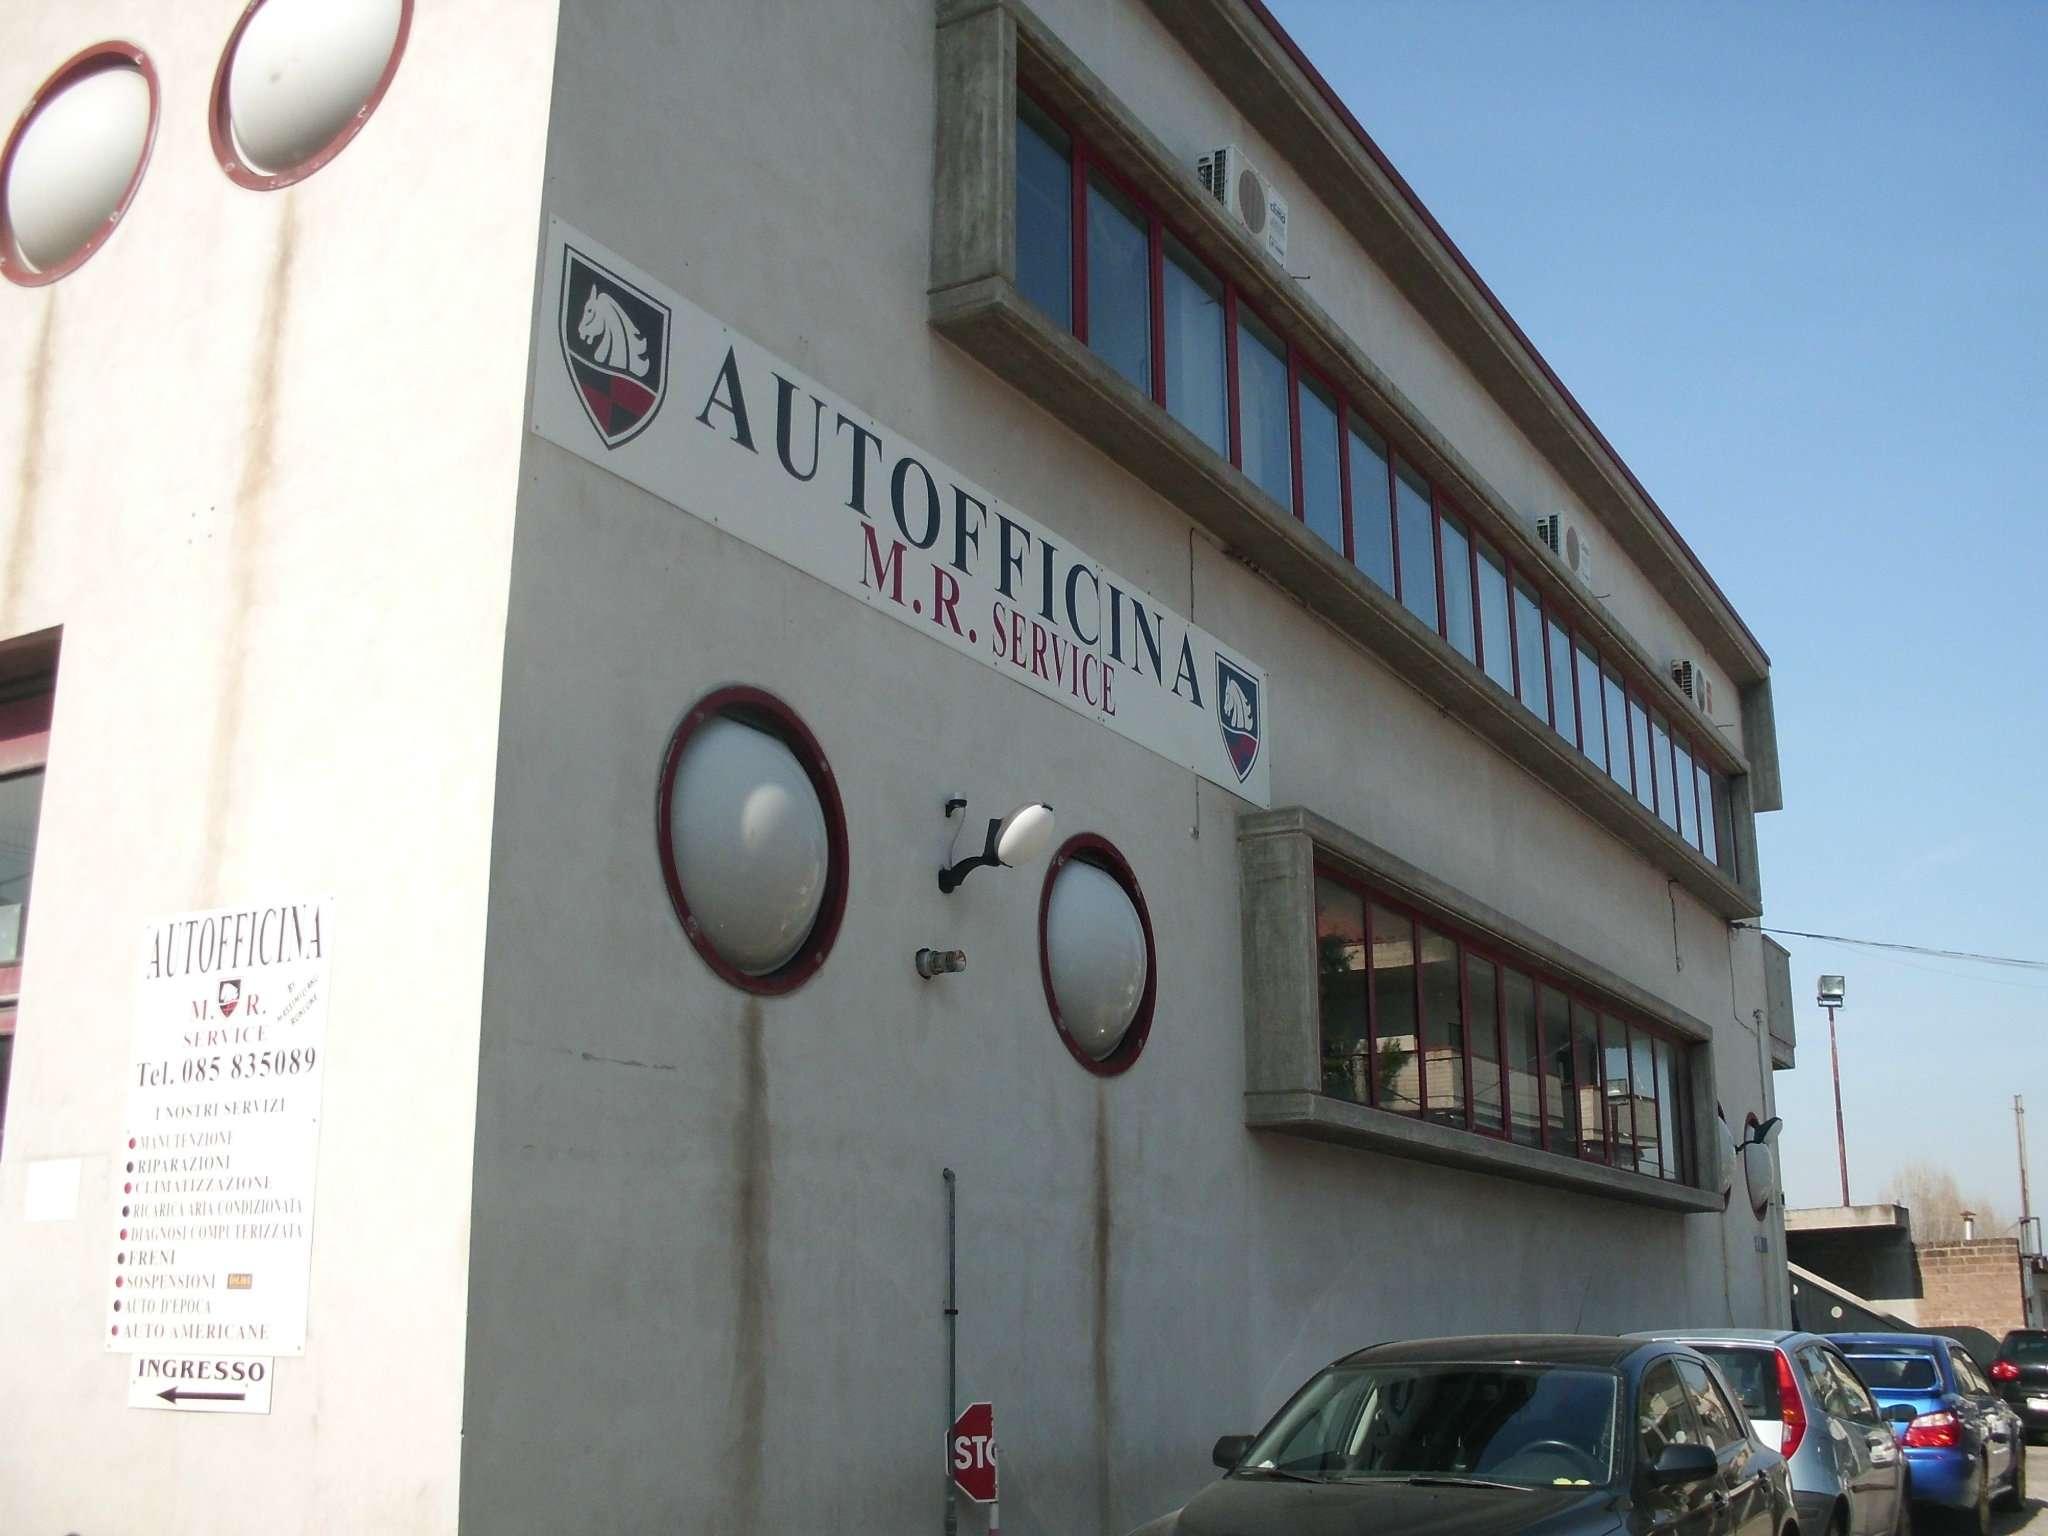 Immobile Commerciale in Vendita a Montesilvano